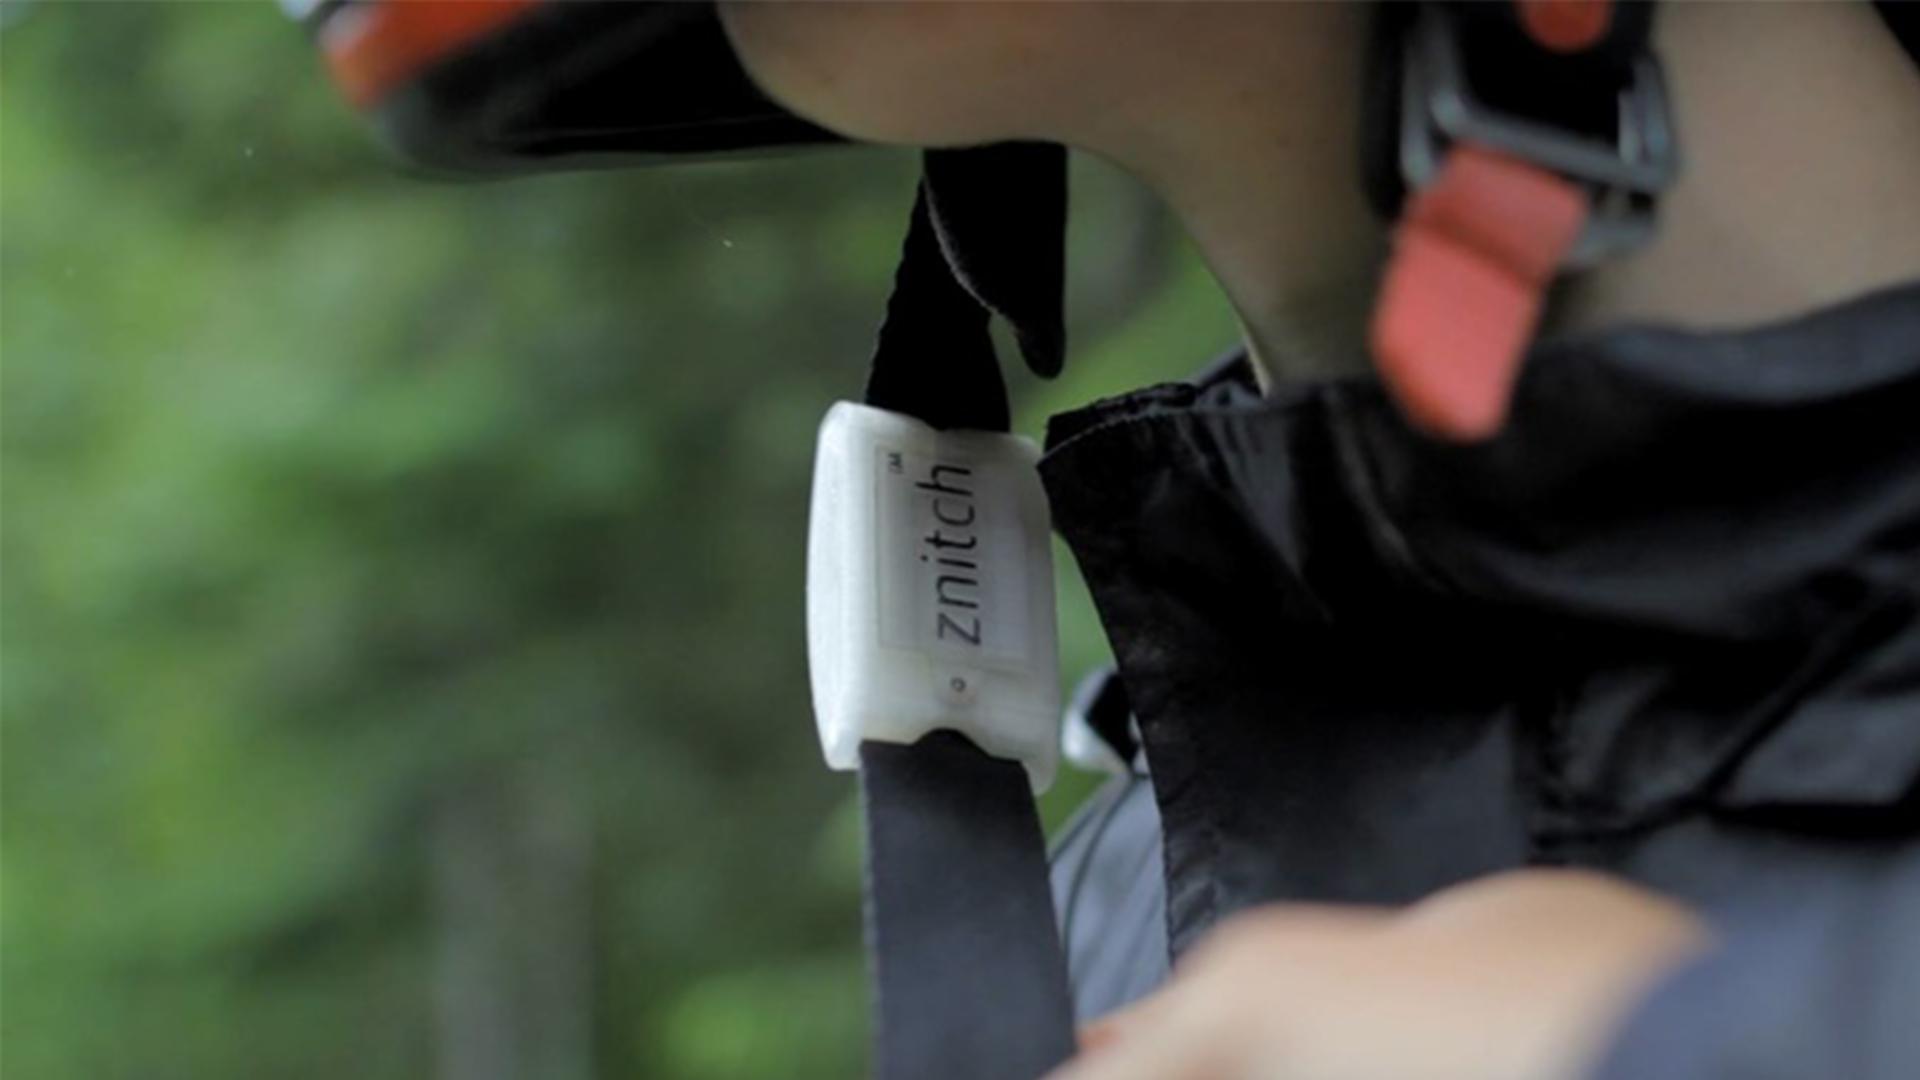 【智能界大百科】ZNITCH头盔提示器随时提醒保障安全